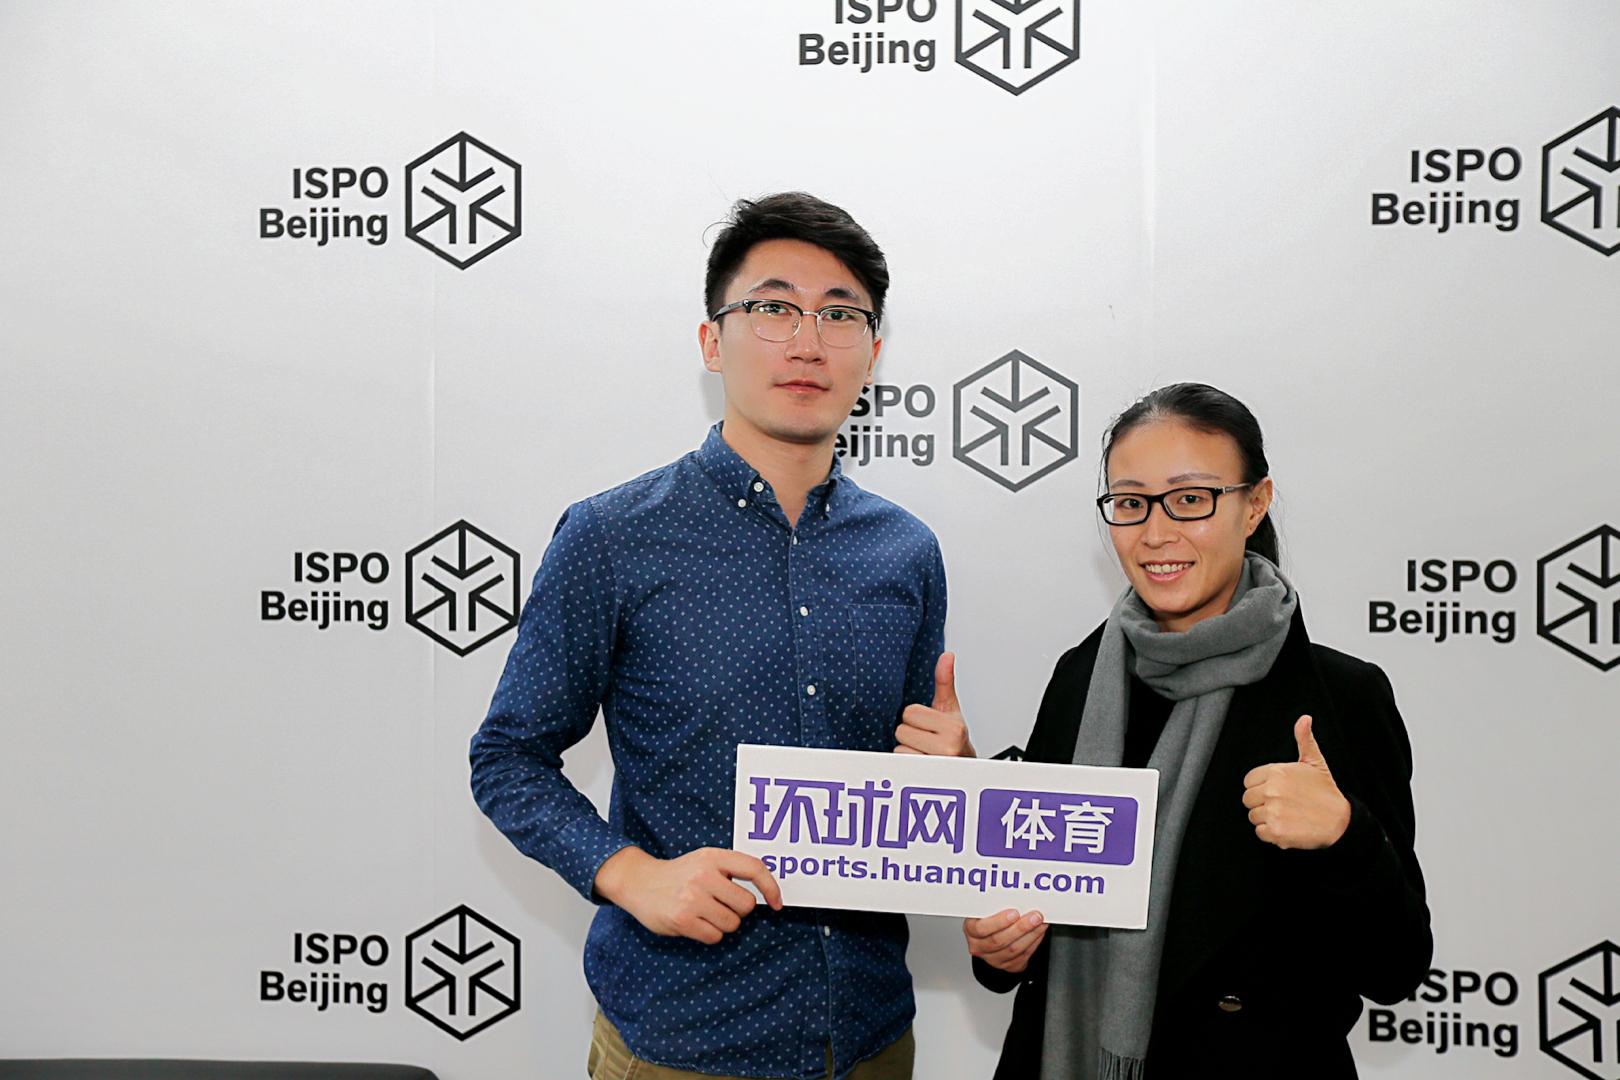 庞丹:见证中国体育产业发展 ISPO为行业注入新兴正能量